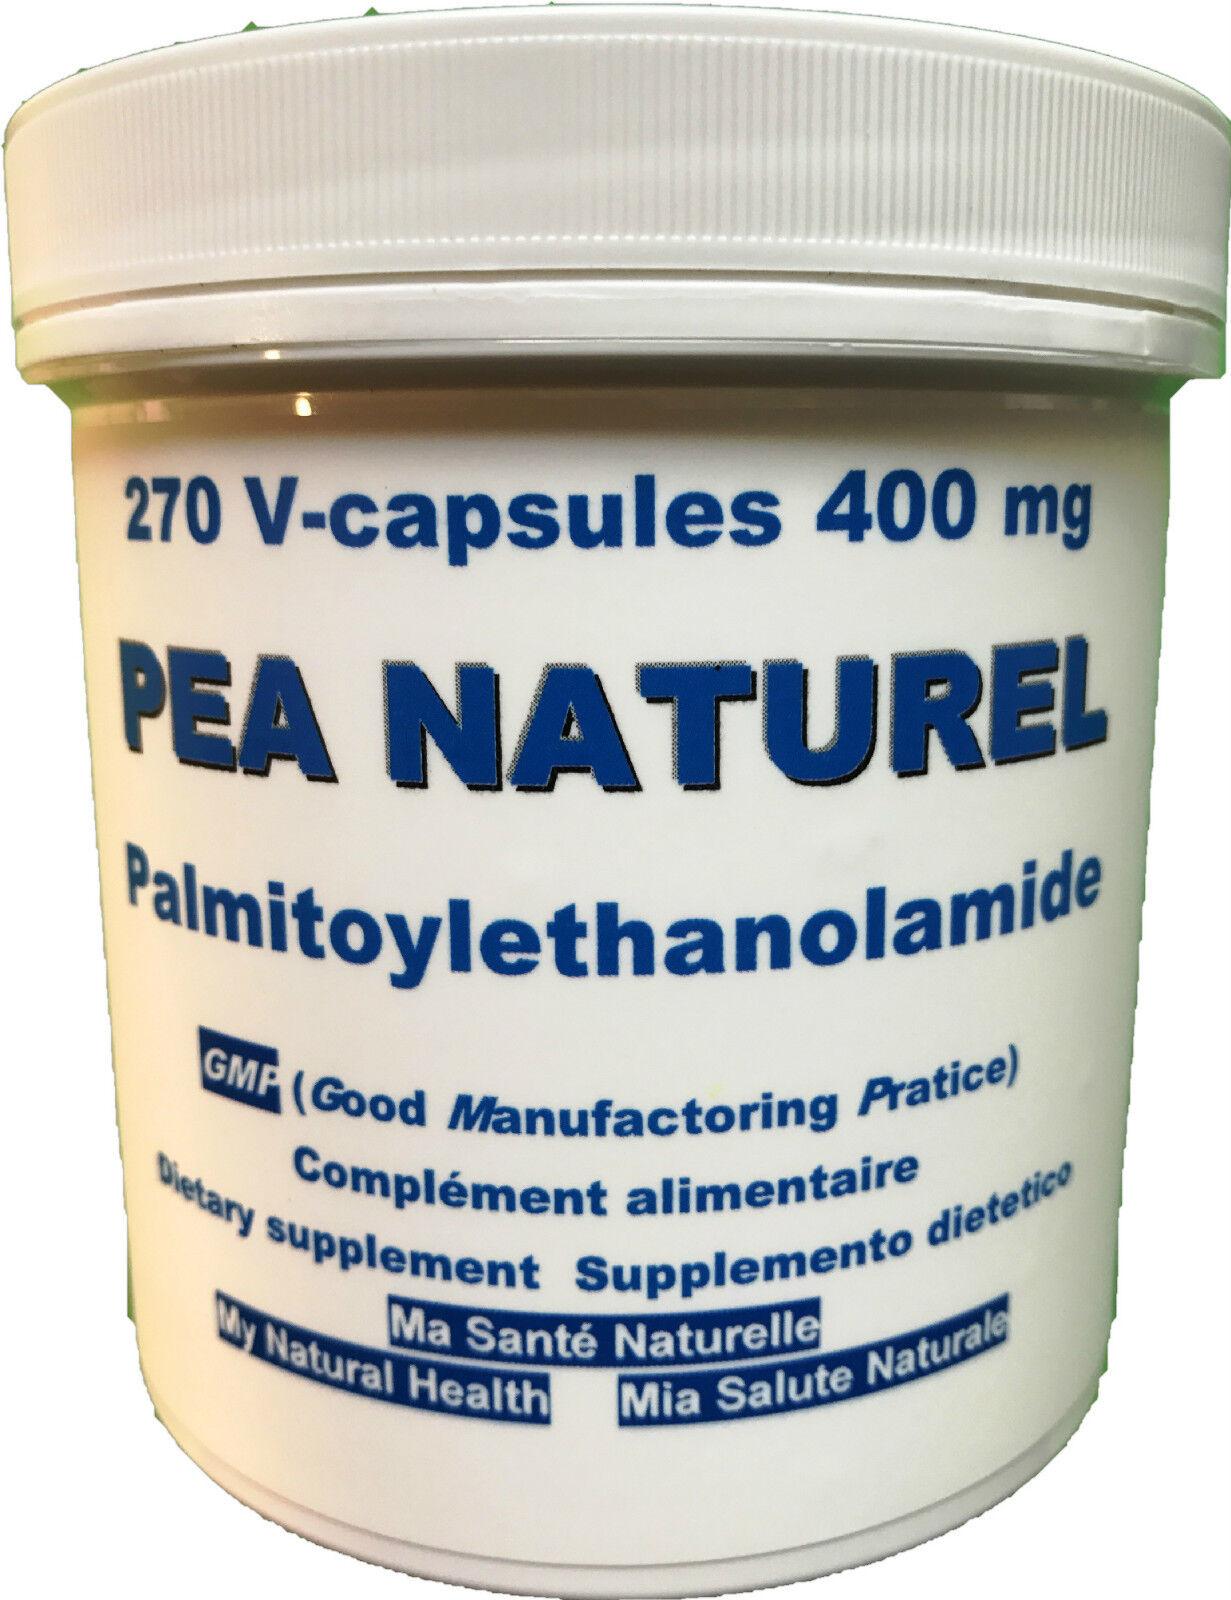 Pea Naturel - Palmitoyléthanolamide UM - Douleurs chroniques / / chroniques chronic pains 67a039